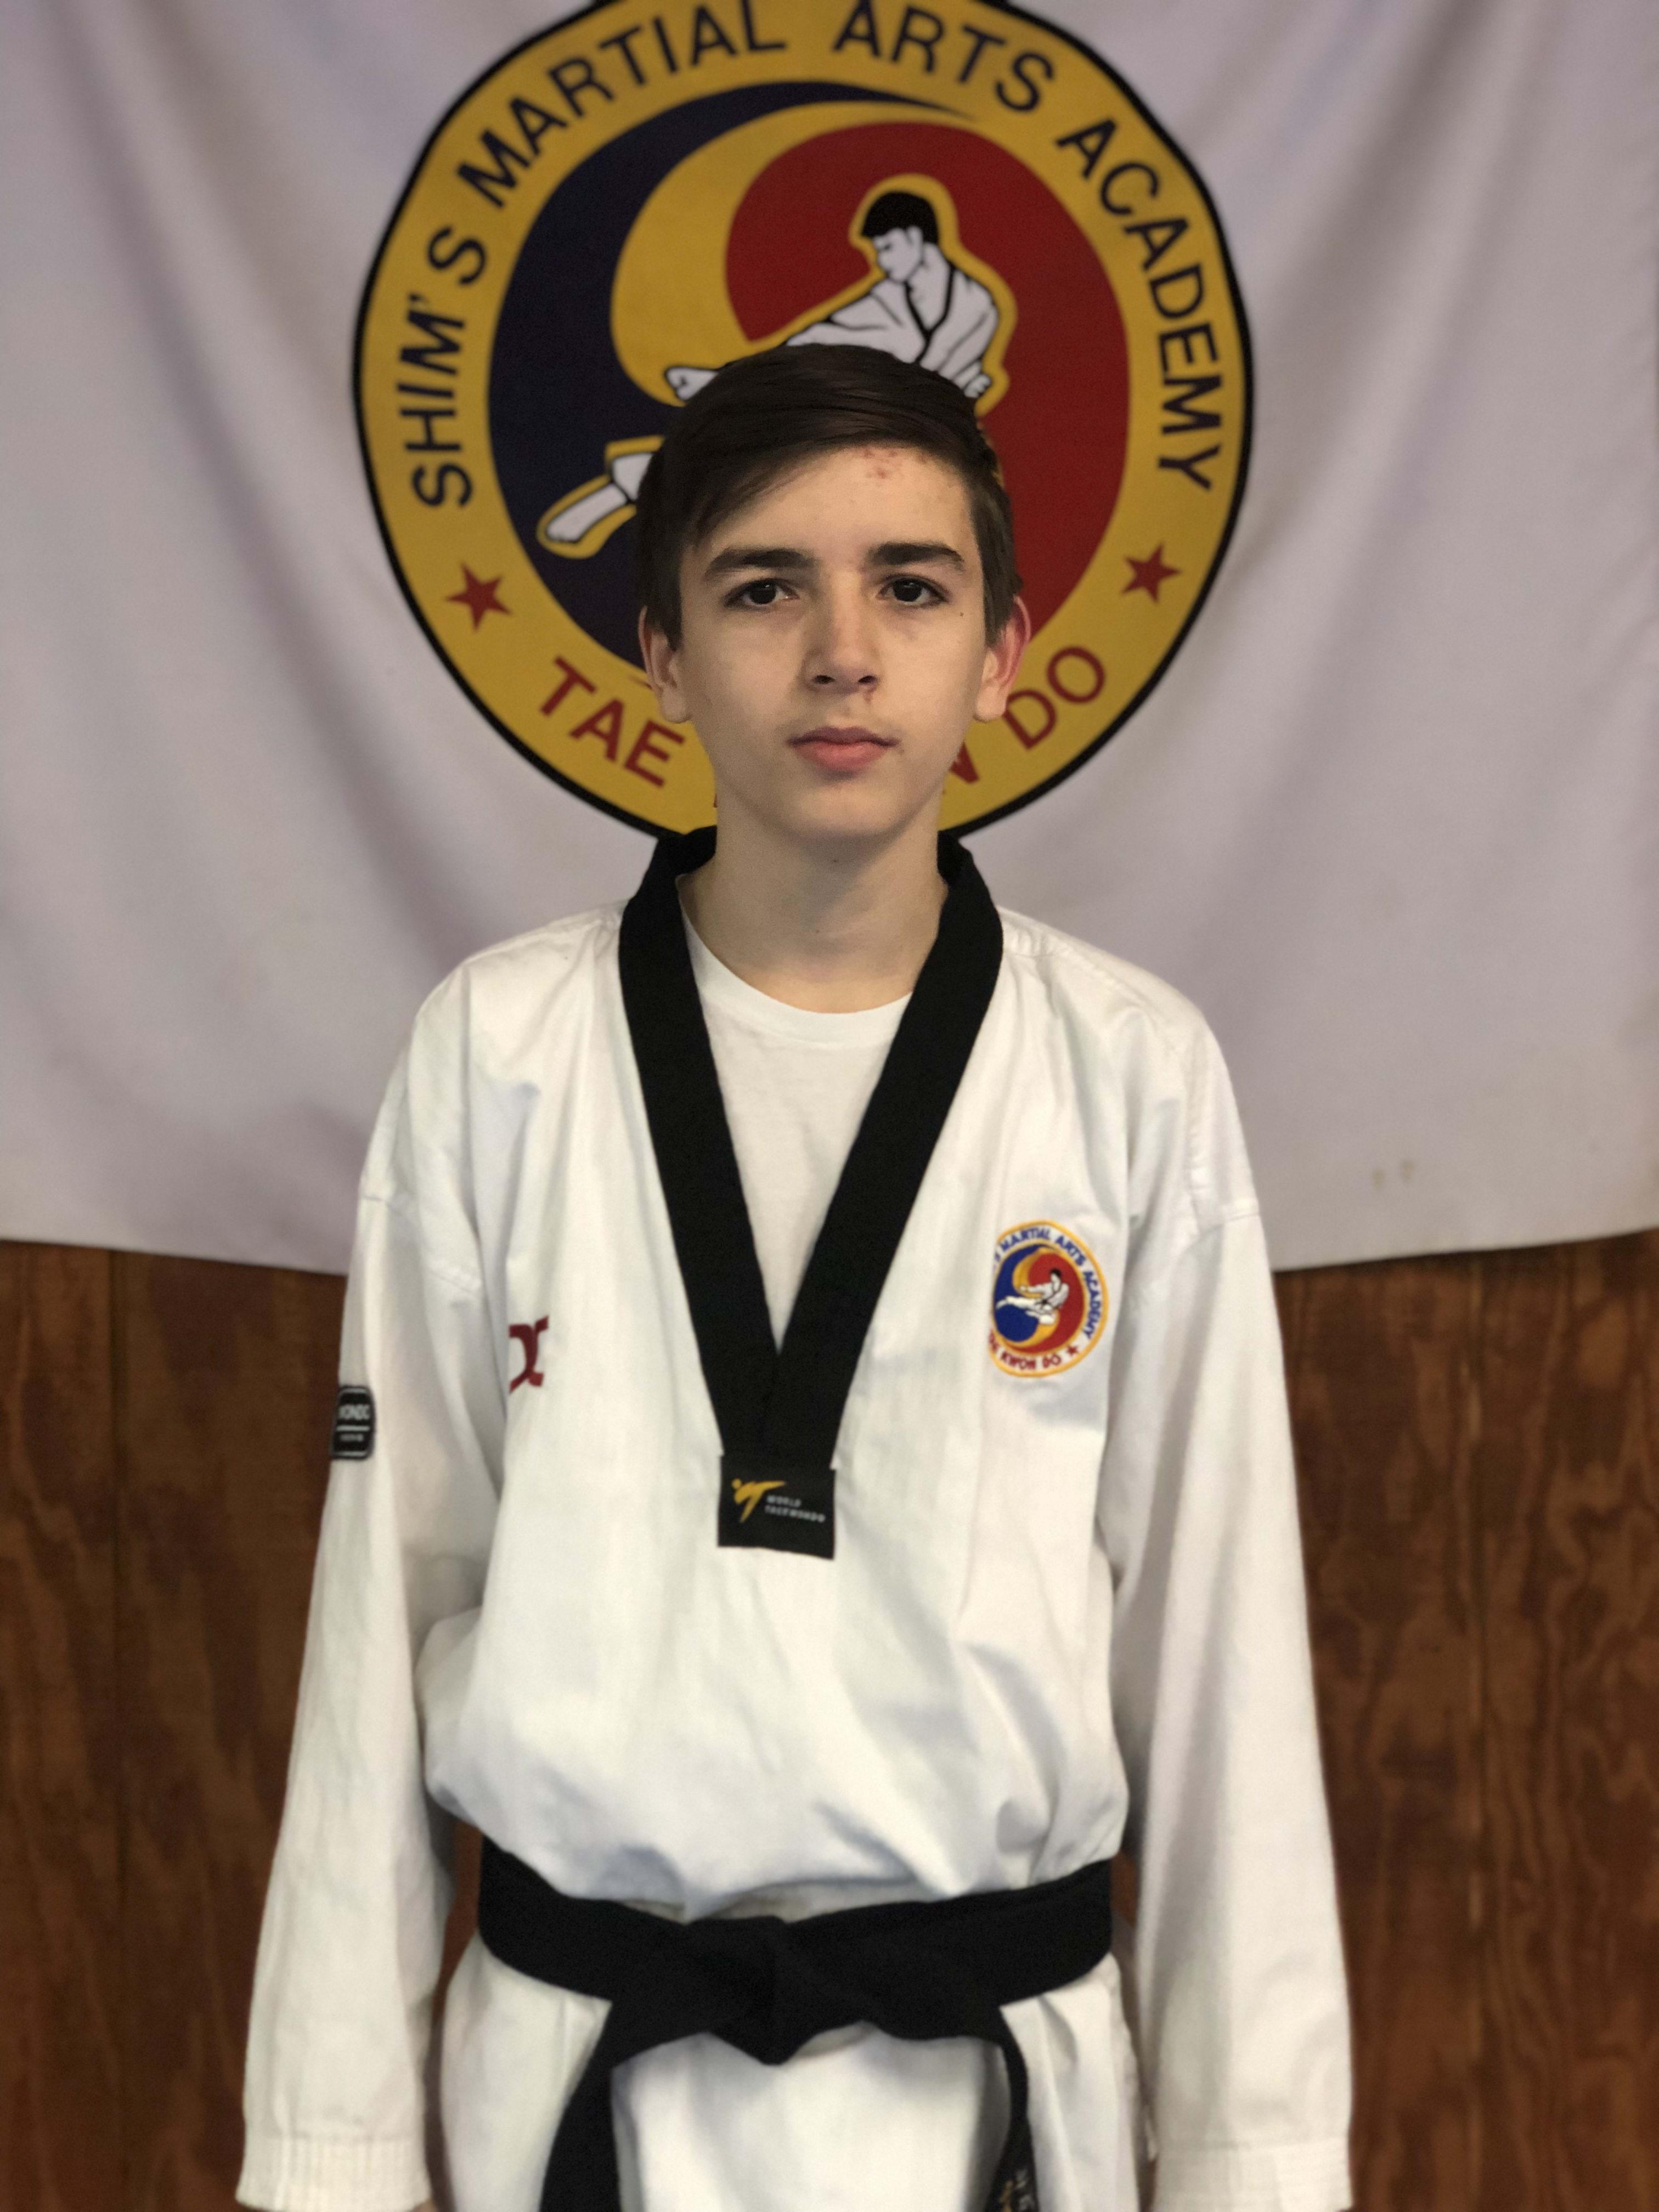 Gabriel Castano in Elizabeth - Shim's Martial Arts Academy